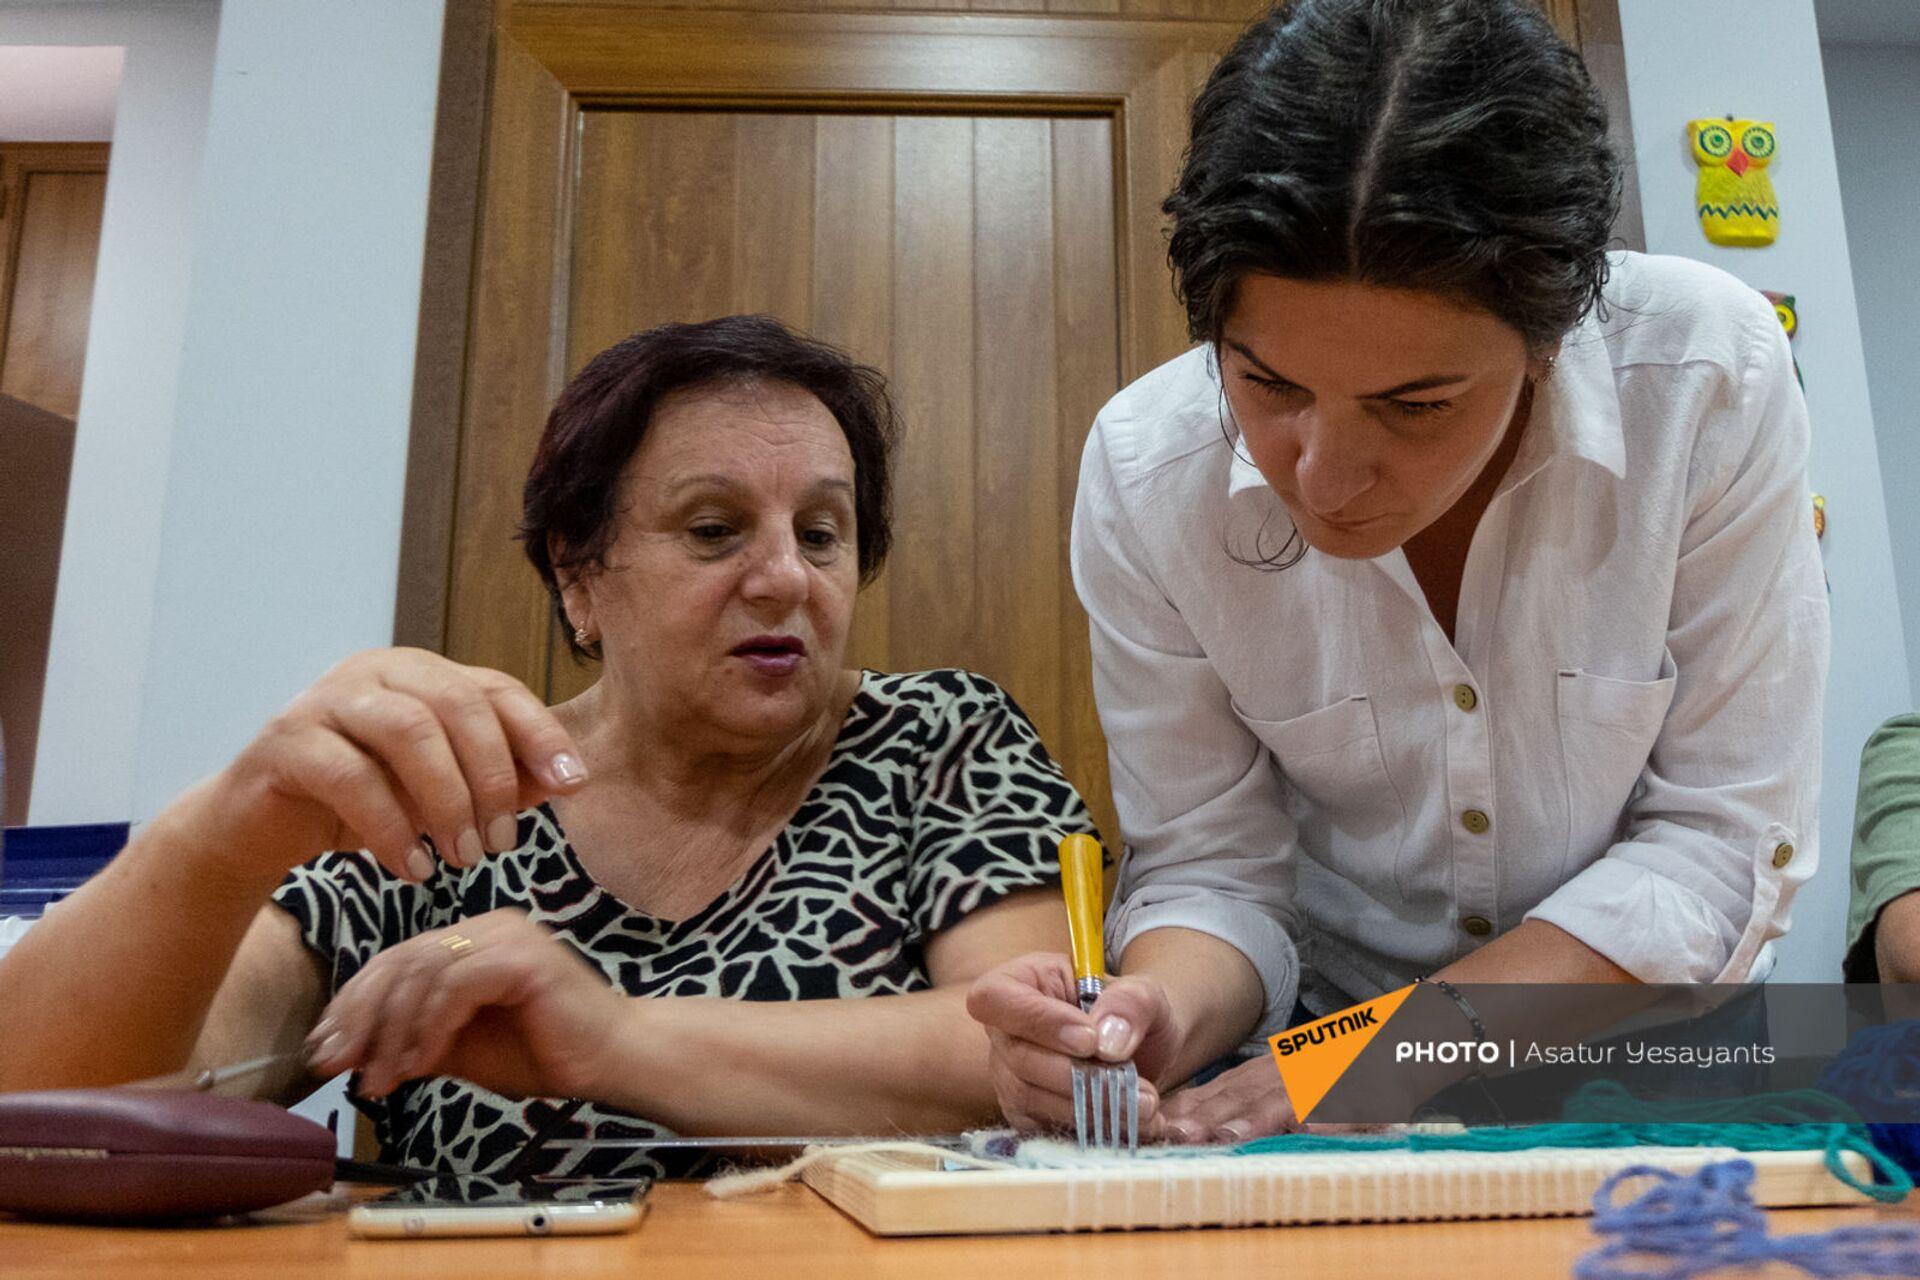 Центр обеспечения здоровья и ухода пожилых людей в Ереване - Sputnik Արմենիա, 1920, 14.09.2021